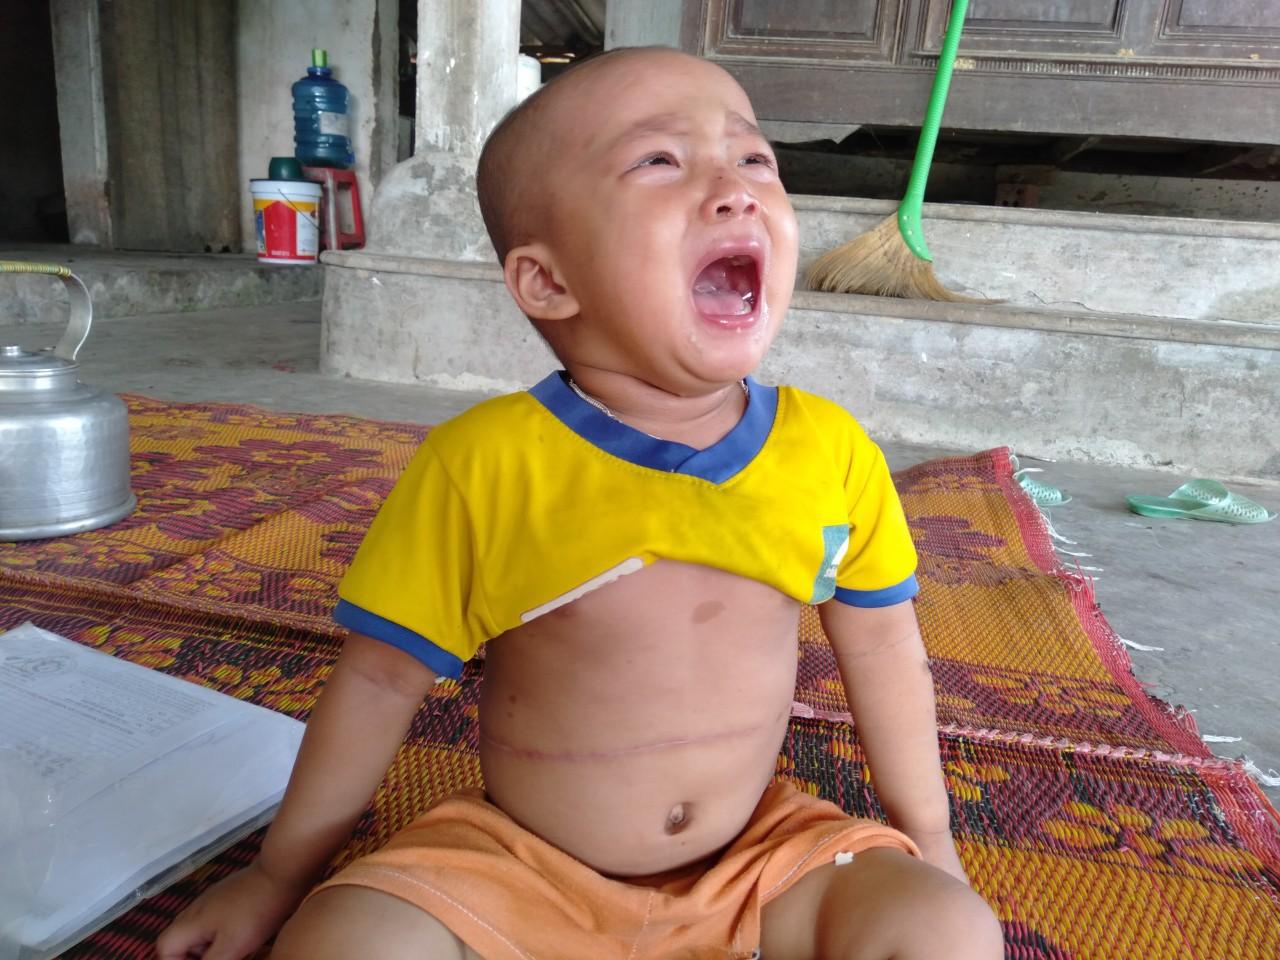 Không cam chịu con gái 3 tuổi chết mòn vì bệnh tật, vợ chồng nghèo sang Lào nhặt phế liệu kiếm tiền chữa bệnh cho con - Ảnh 1.